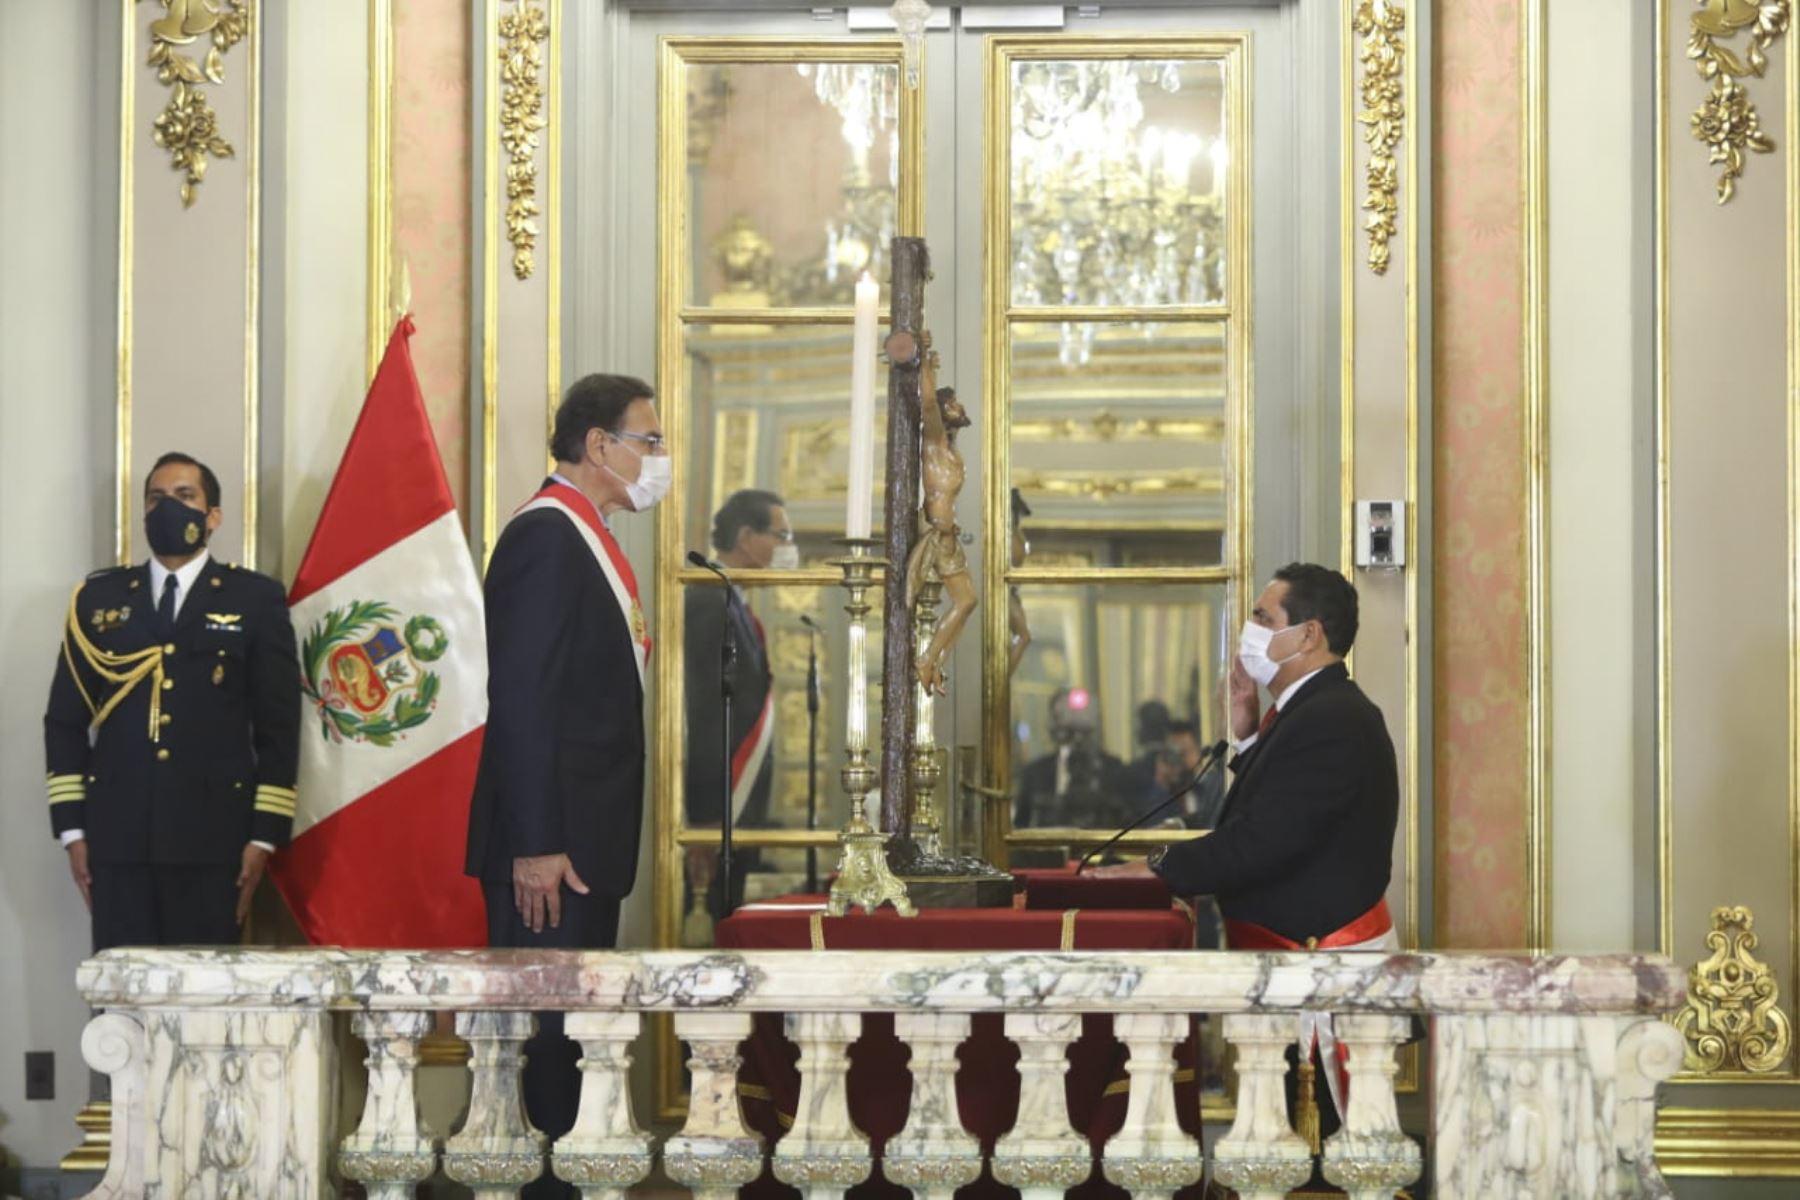 El presidente de la República, Martín Vizcarra, toma juramento a  Jorge Montoya Perez como ministro del interior. Foto: ANDINA/ Prensa Presidencia